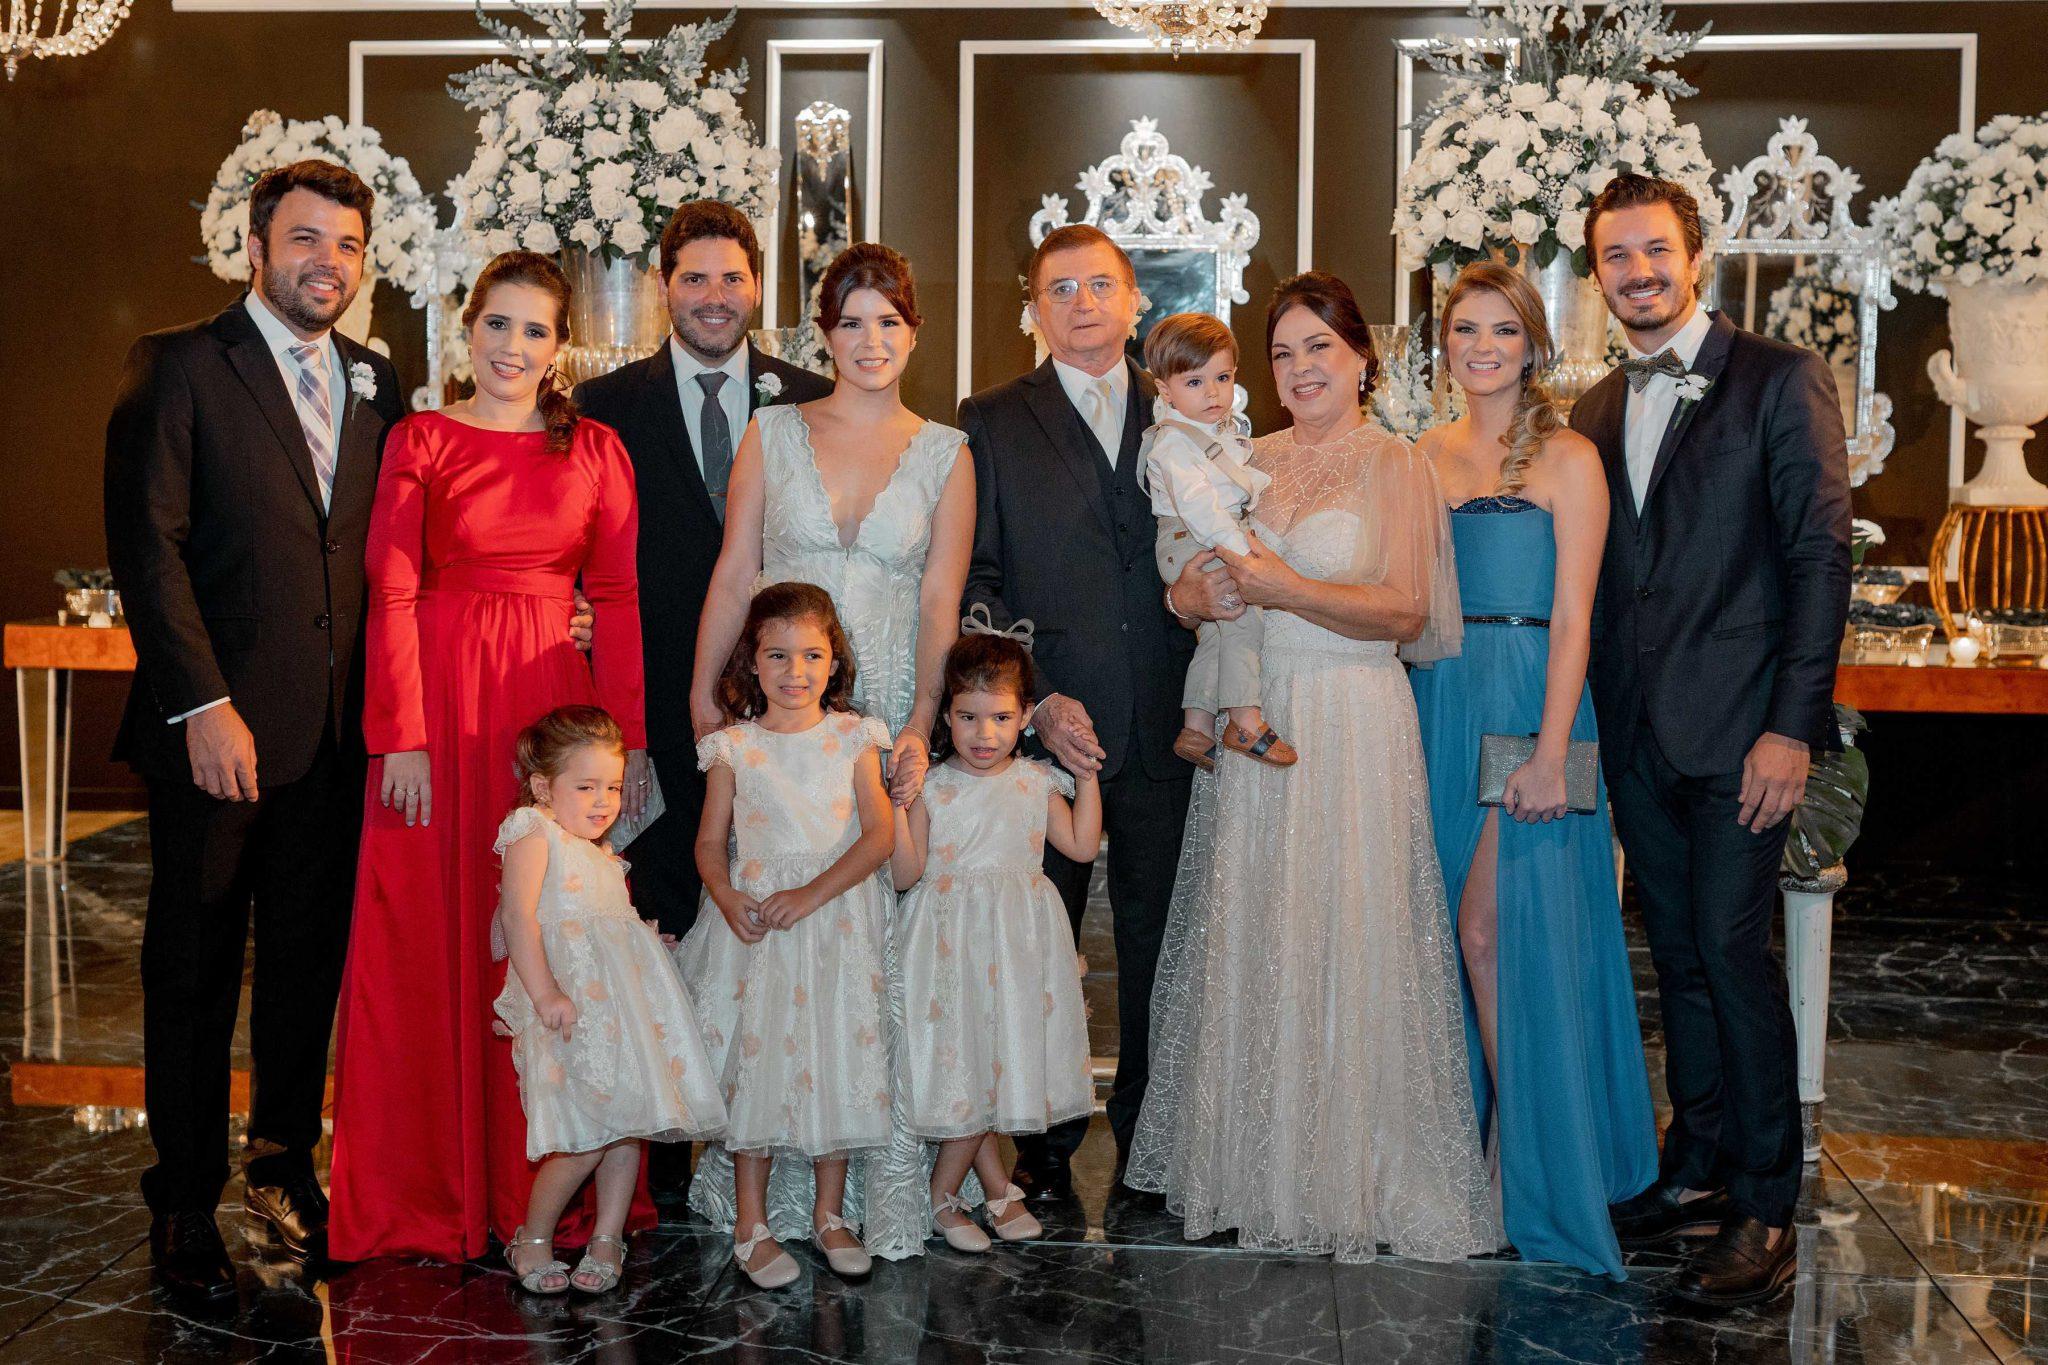 Filhos realizam o sonho da mãe e organizam cerimônia de casamento dos pais 40 anos após a união 4